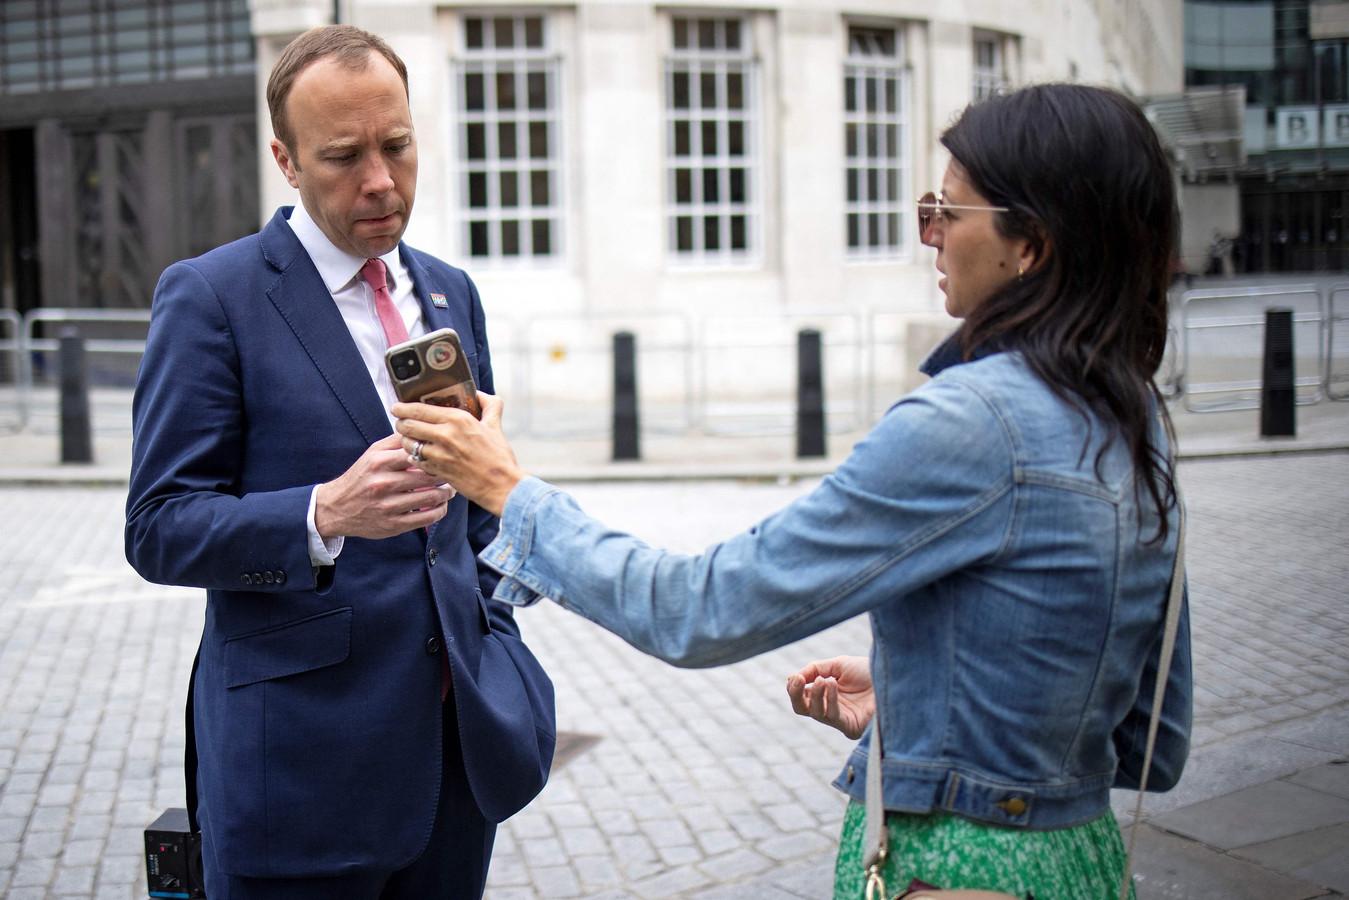 De Britse minister van Volksgezondheid Matt Hancock met zijn medewerkster Gina Coladangelo, met wie hij een affaire had.